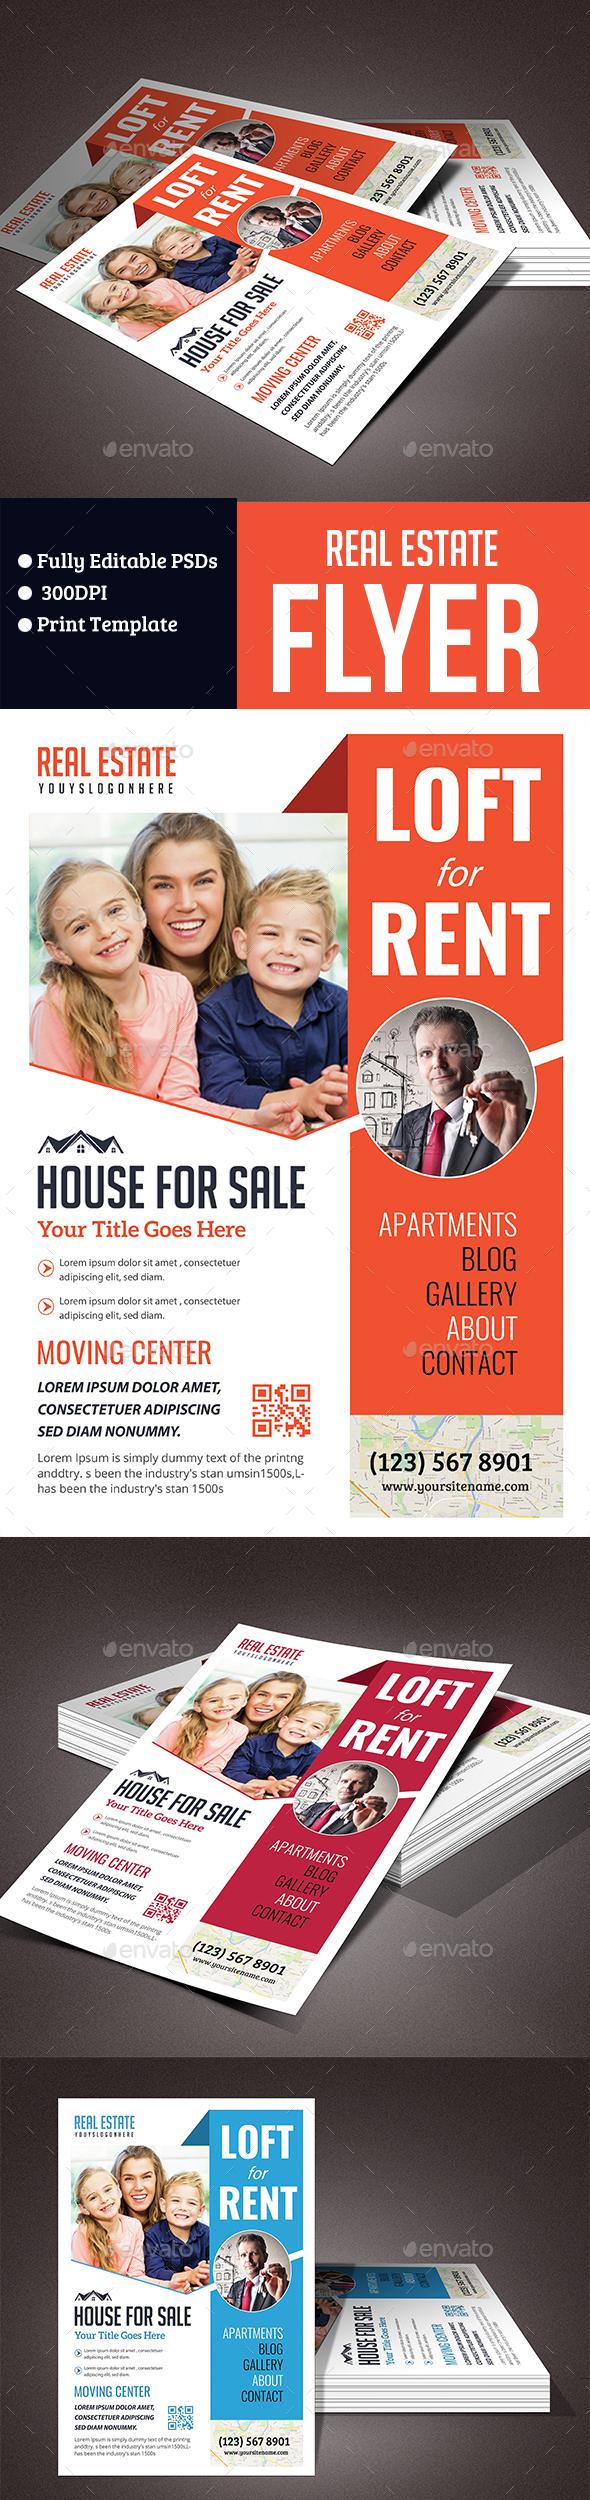 Real Estate & Rental Flyer - Commerce Flyers